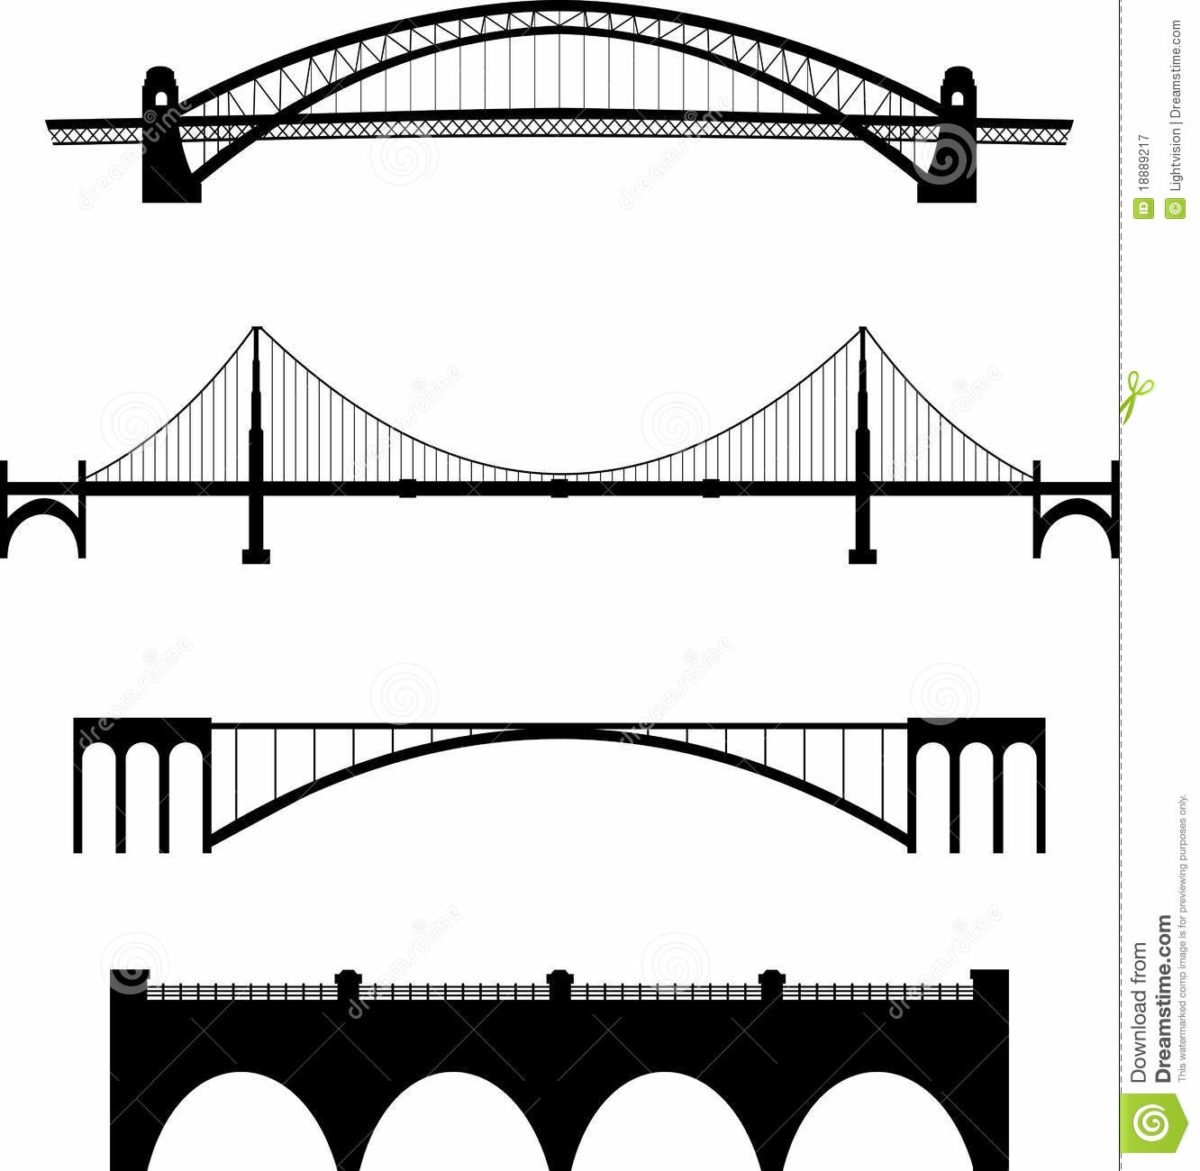 Arch    bridge clipart  Clipground